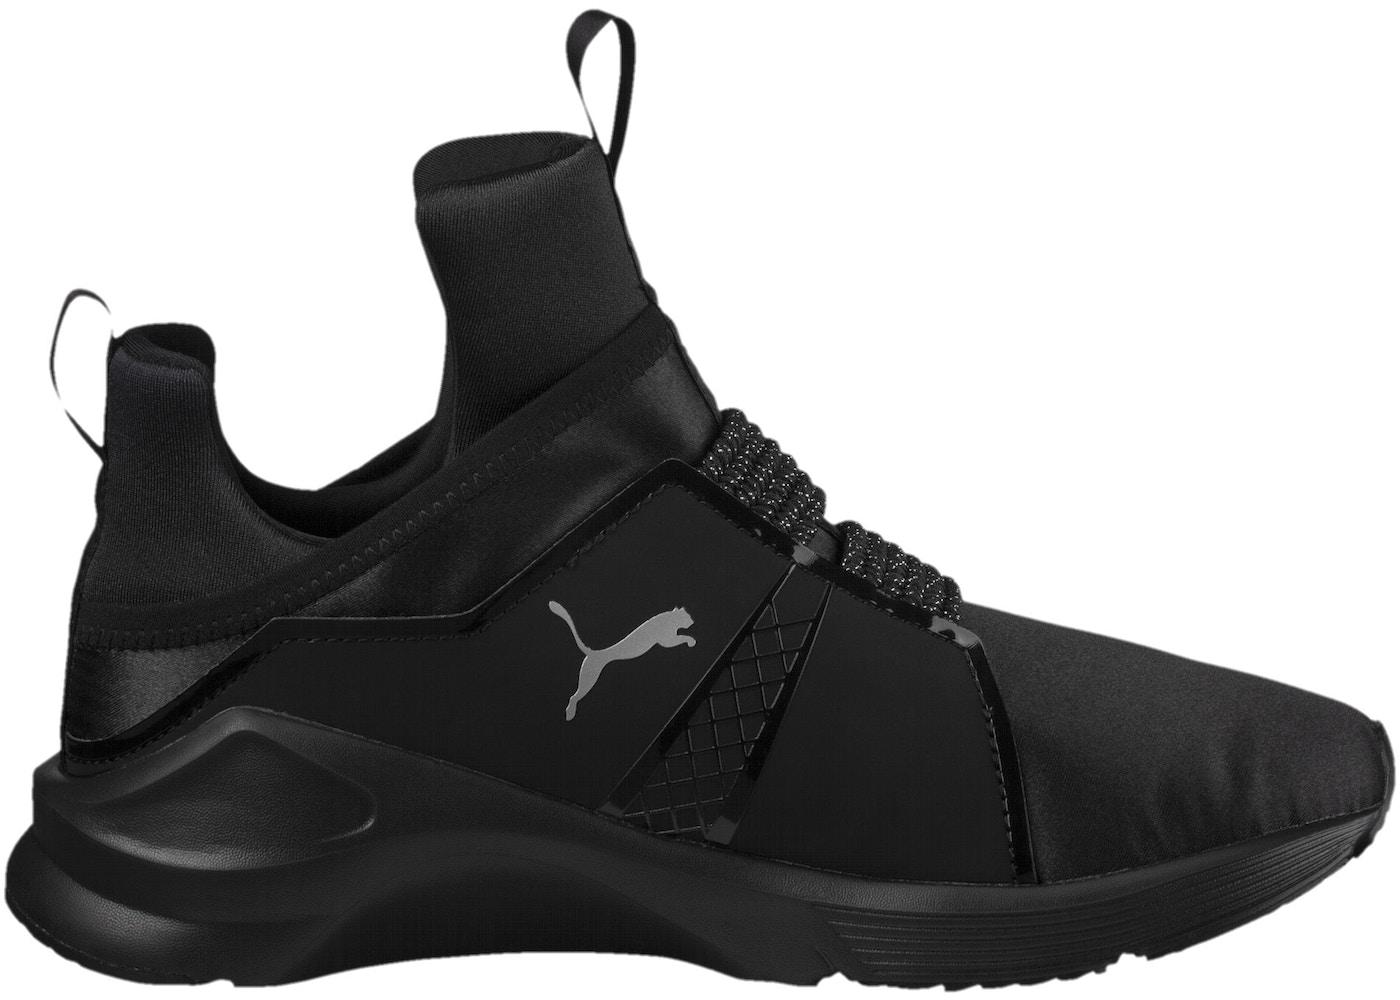 8cdf3ef496a Puma Fierce Satin EP Black (W) - 190545-01